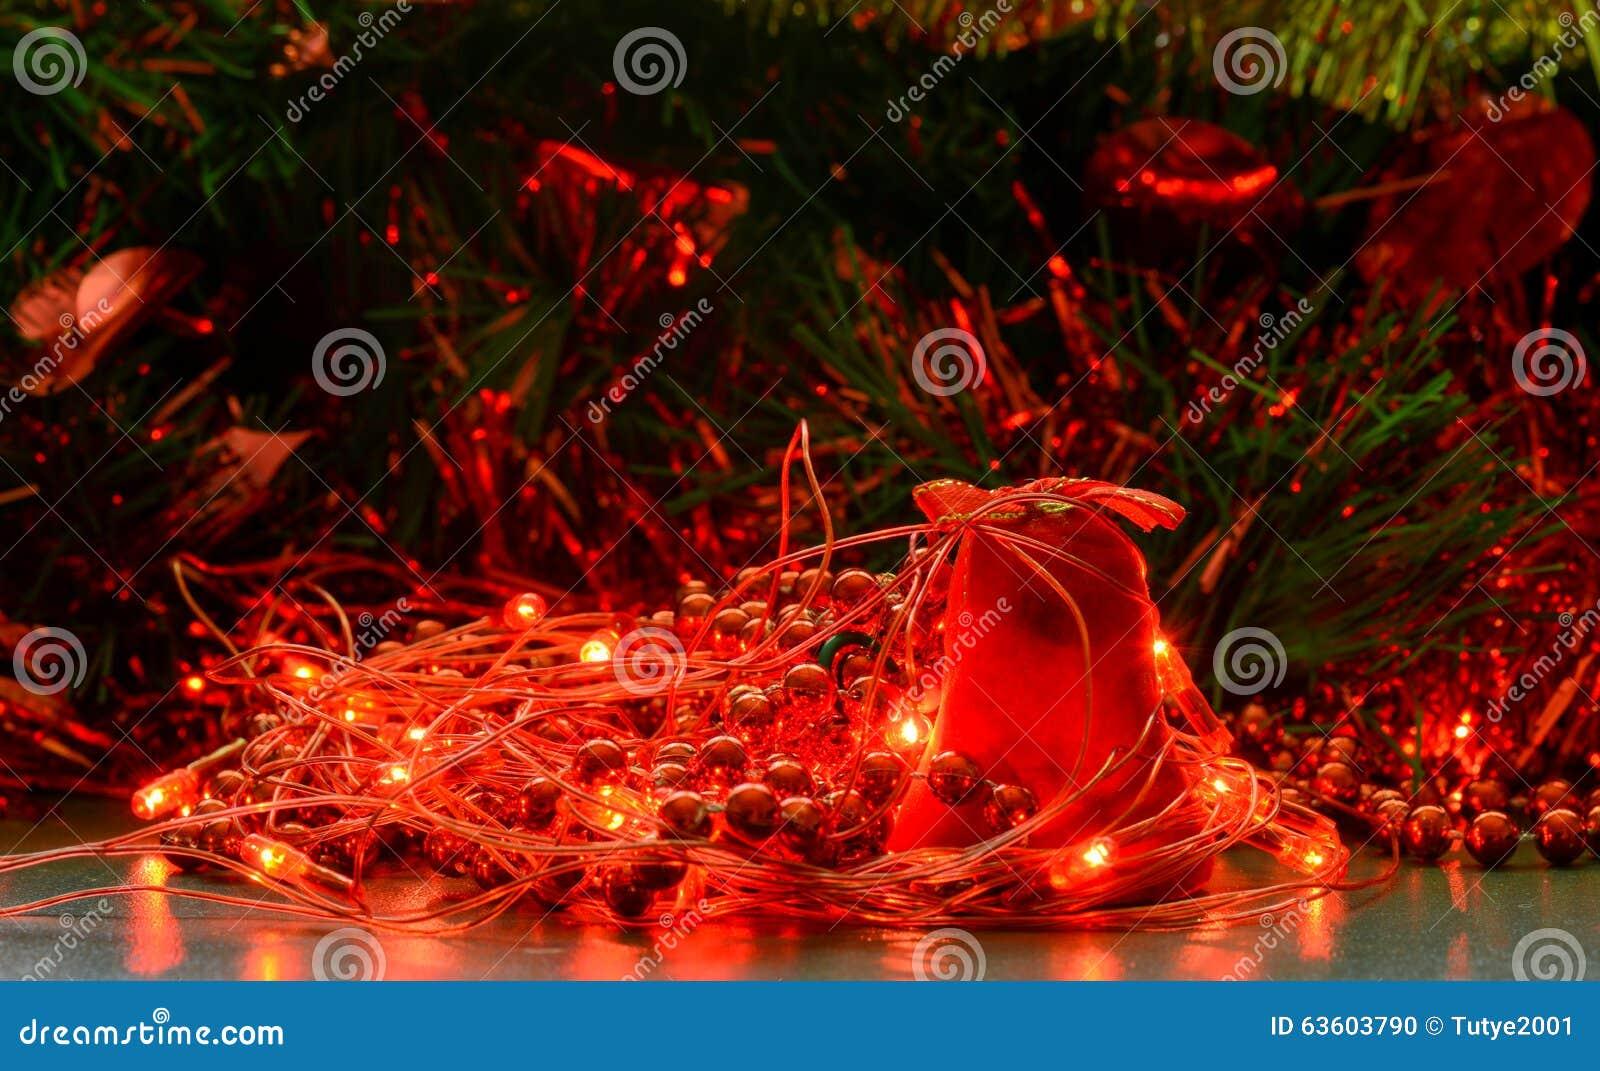 christmas bell and lights